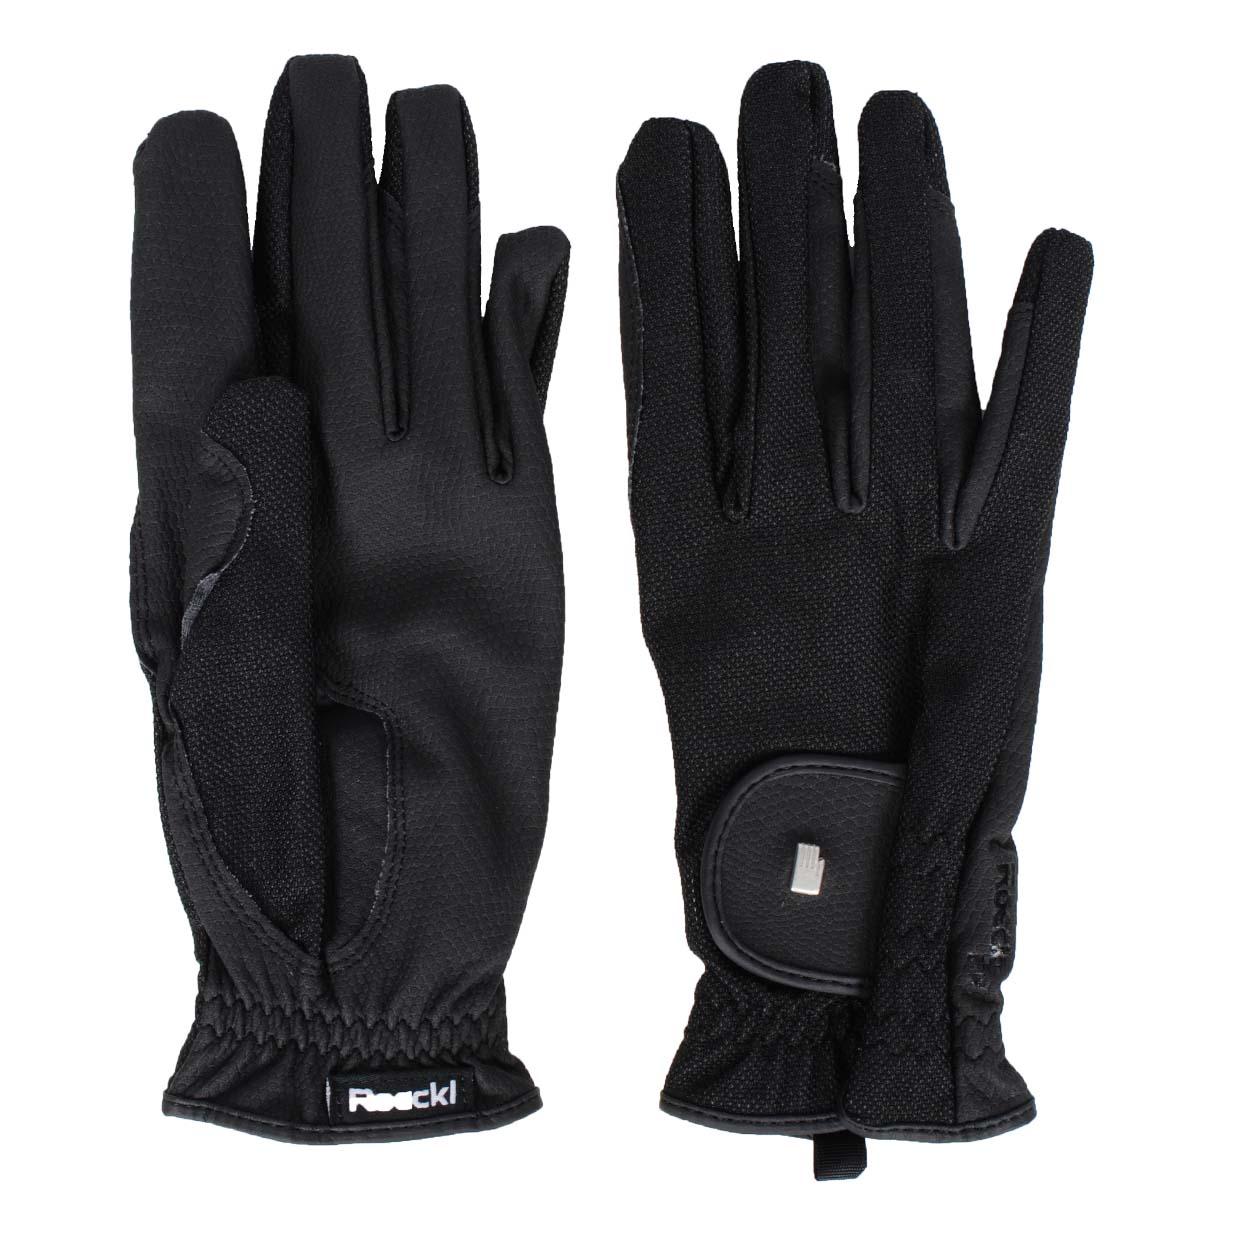 Roeckl Roeck Grip Lite handschoenen zwart maat:6